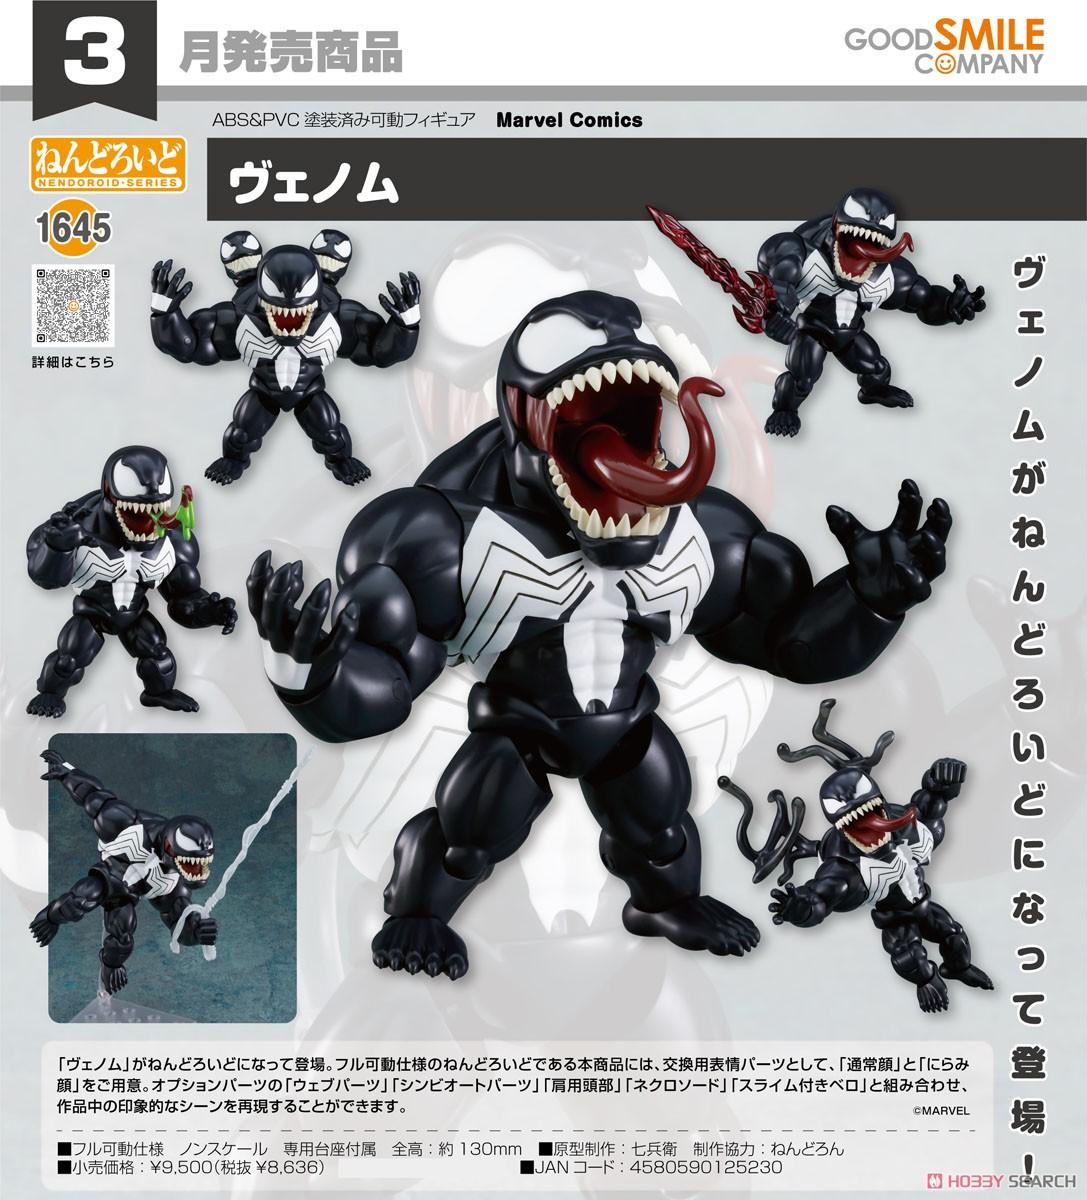 ねんどろいど『ヴェノム』マーベル・コミック デフォルメ可動フィギュア-009